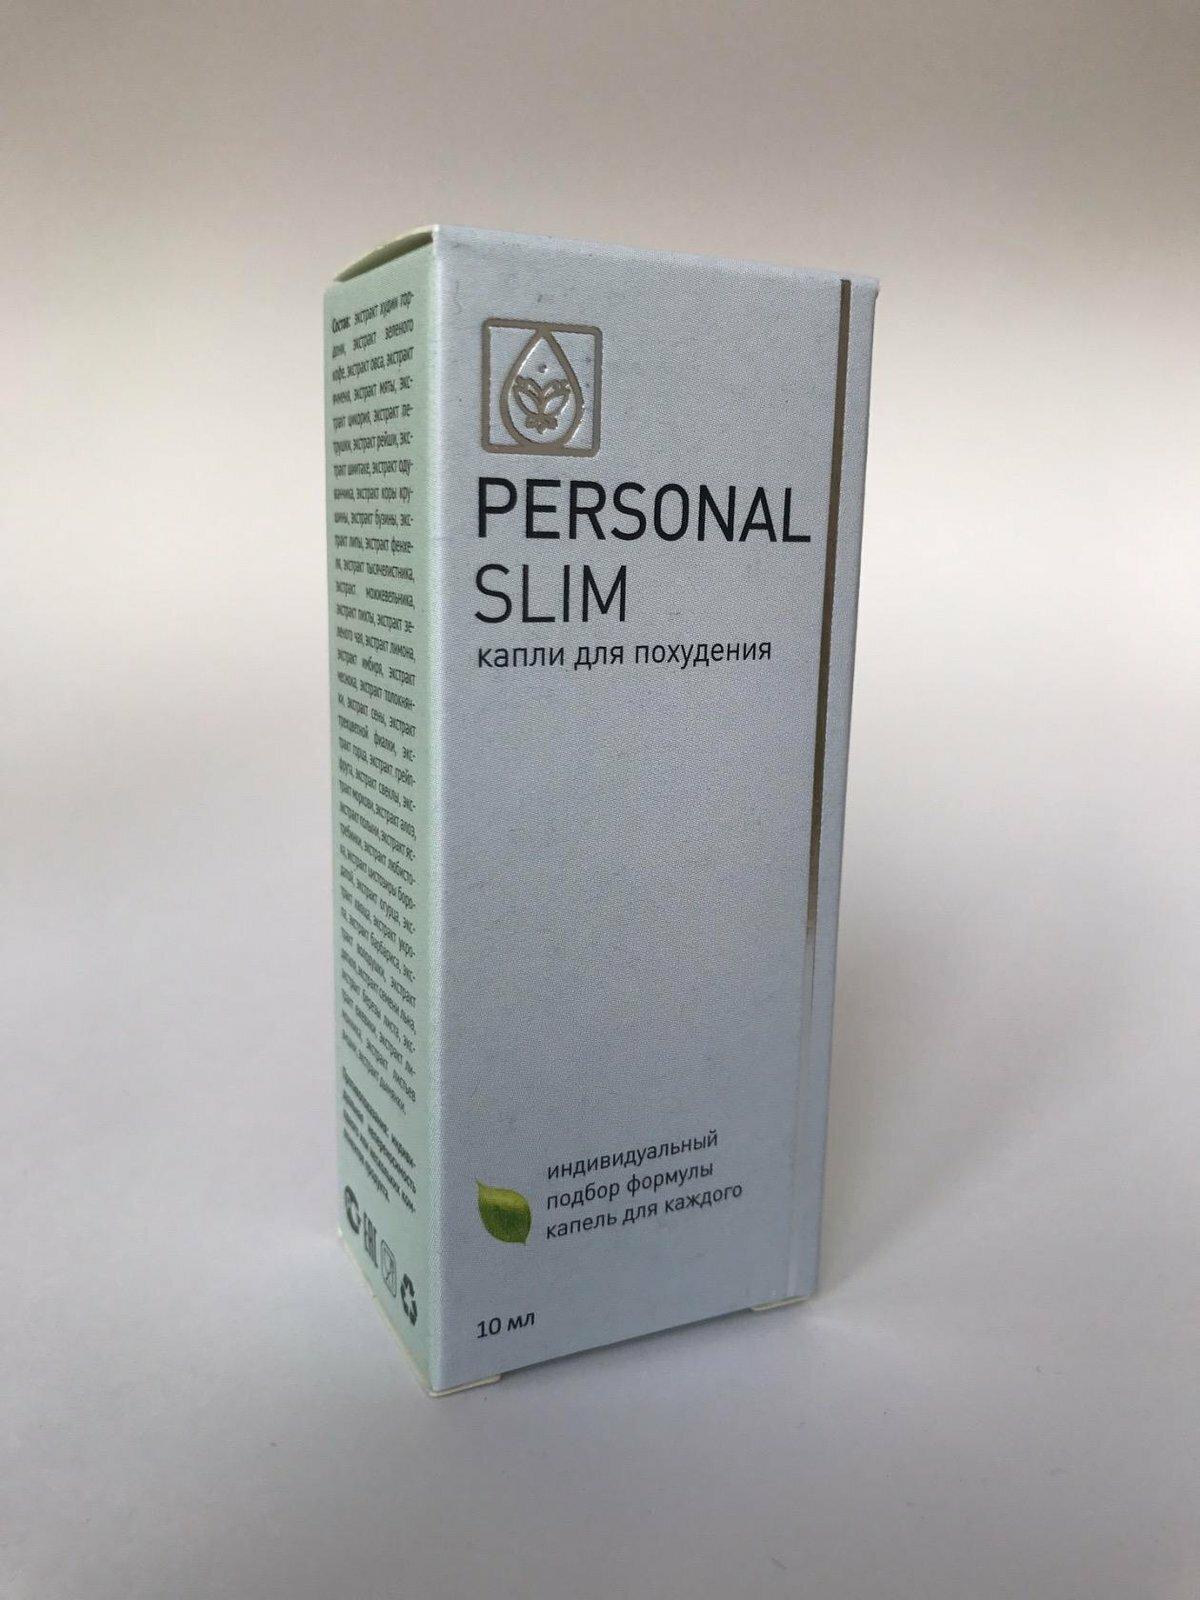 Personal Slim для похудения в Ухте